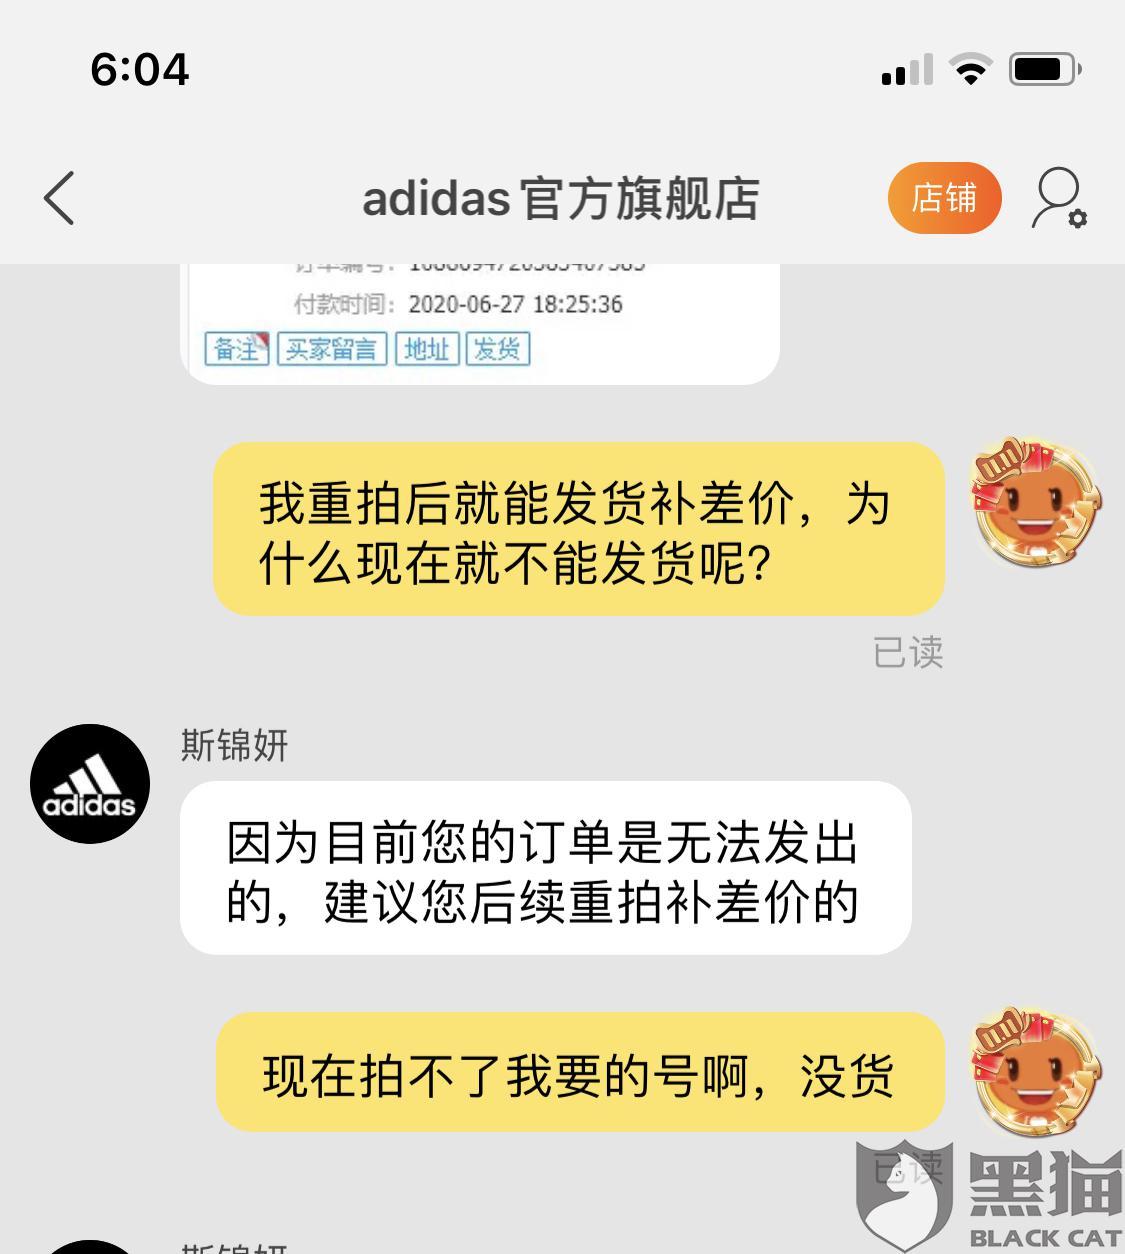 黑猫投诉:adidas官方旗舰店不发货